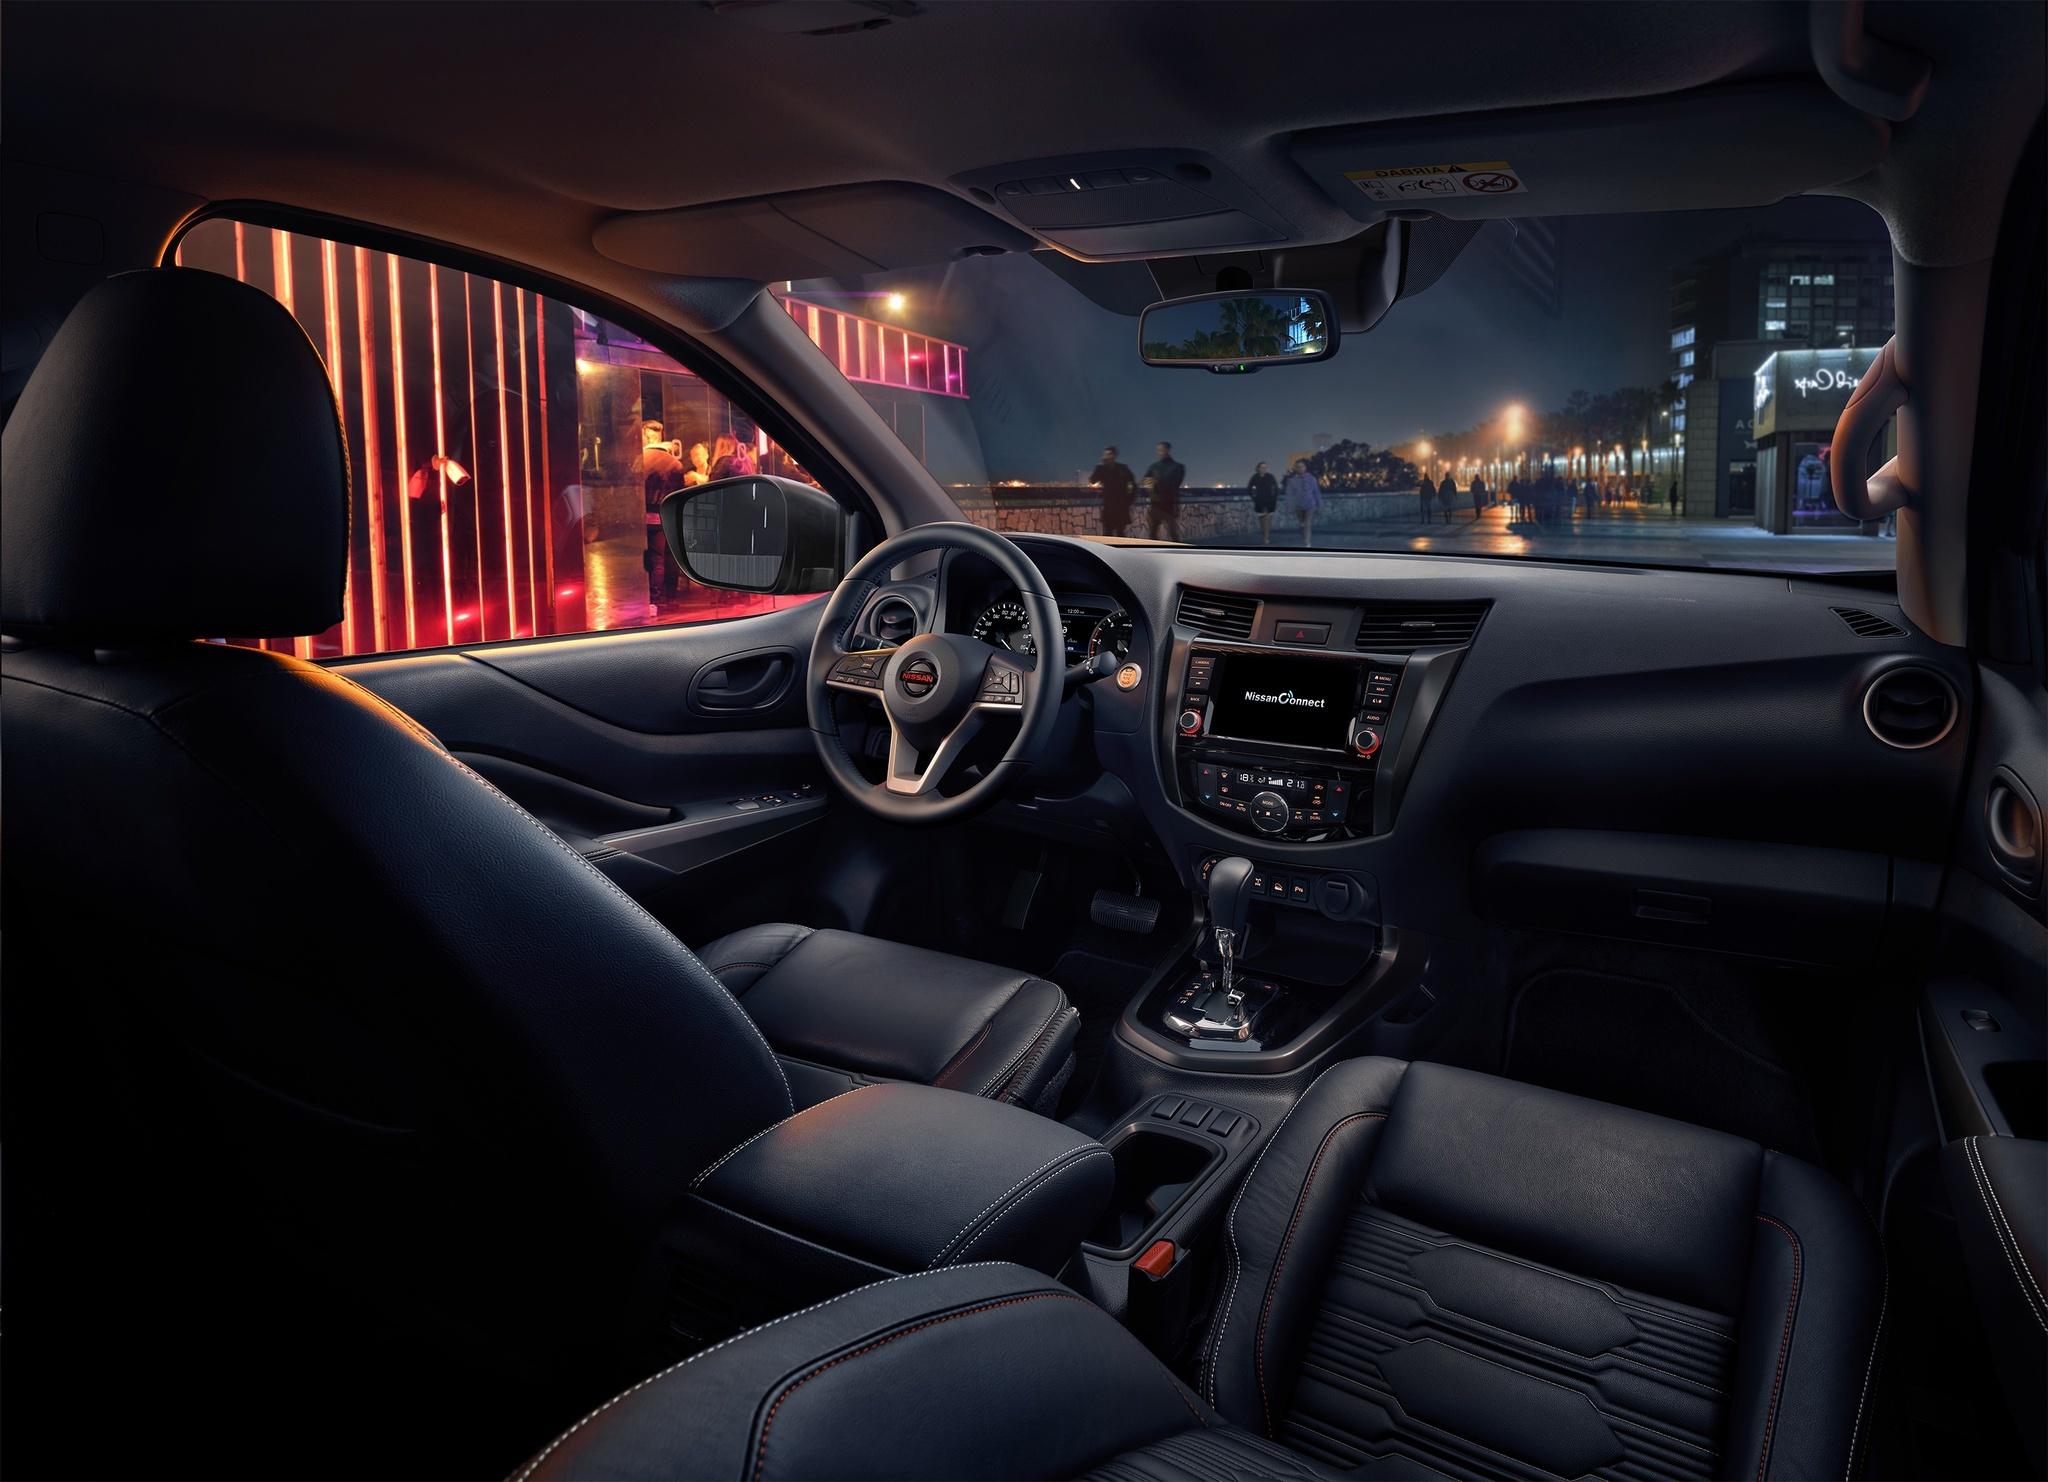 Nissan Navara 2021 giá gần 1 tỷ đồng, đắt nhưng nghèo trang bị an toàn